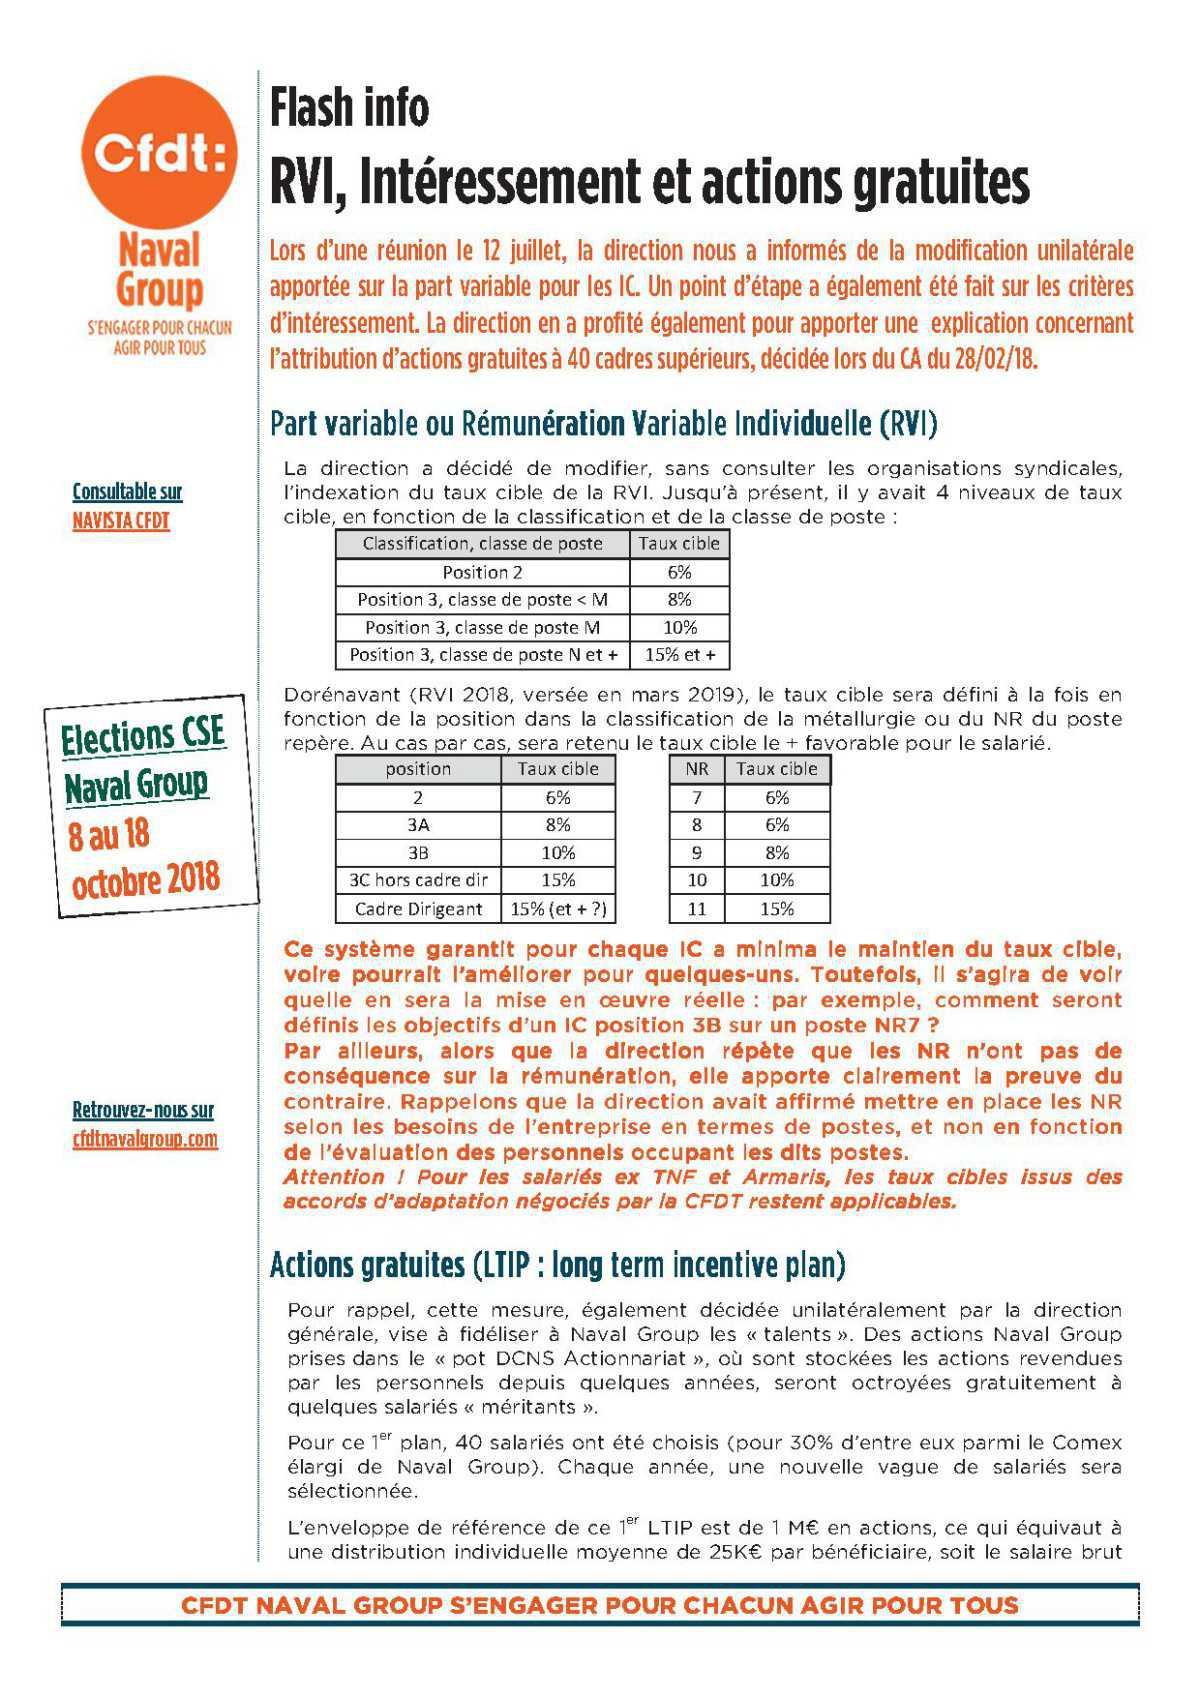 Flash info : RVI, Intéressement, Actions gratuites